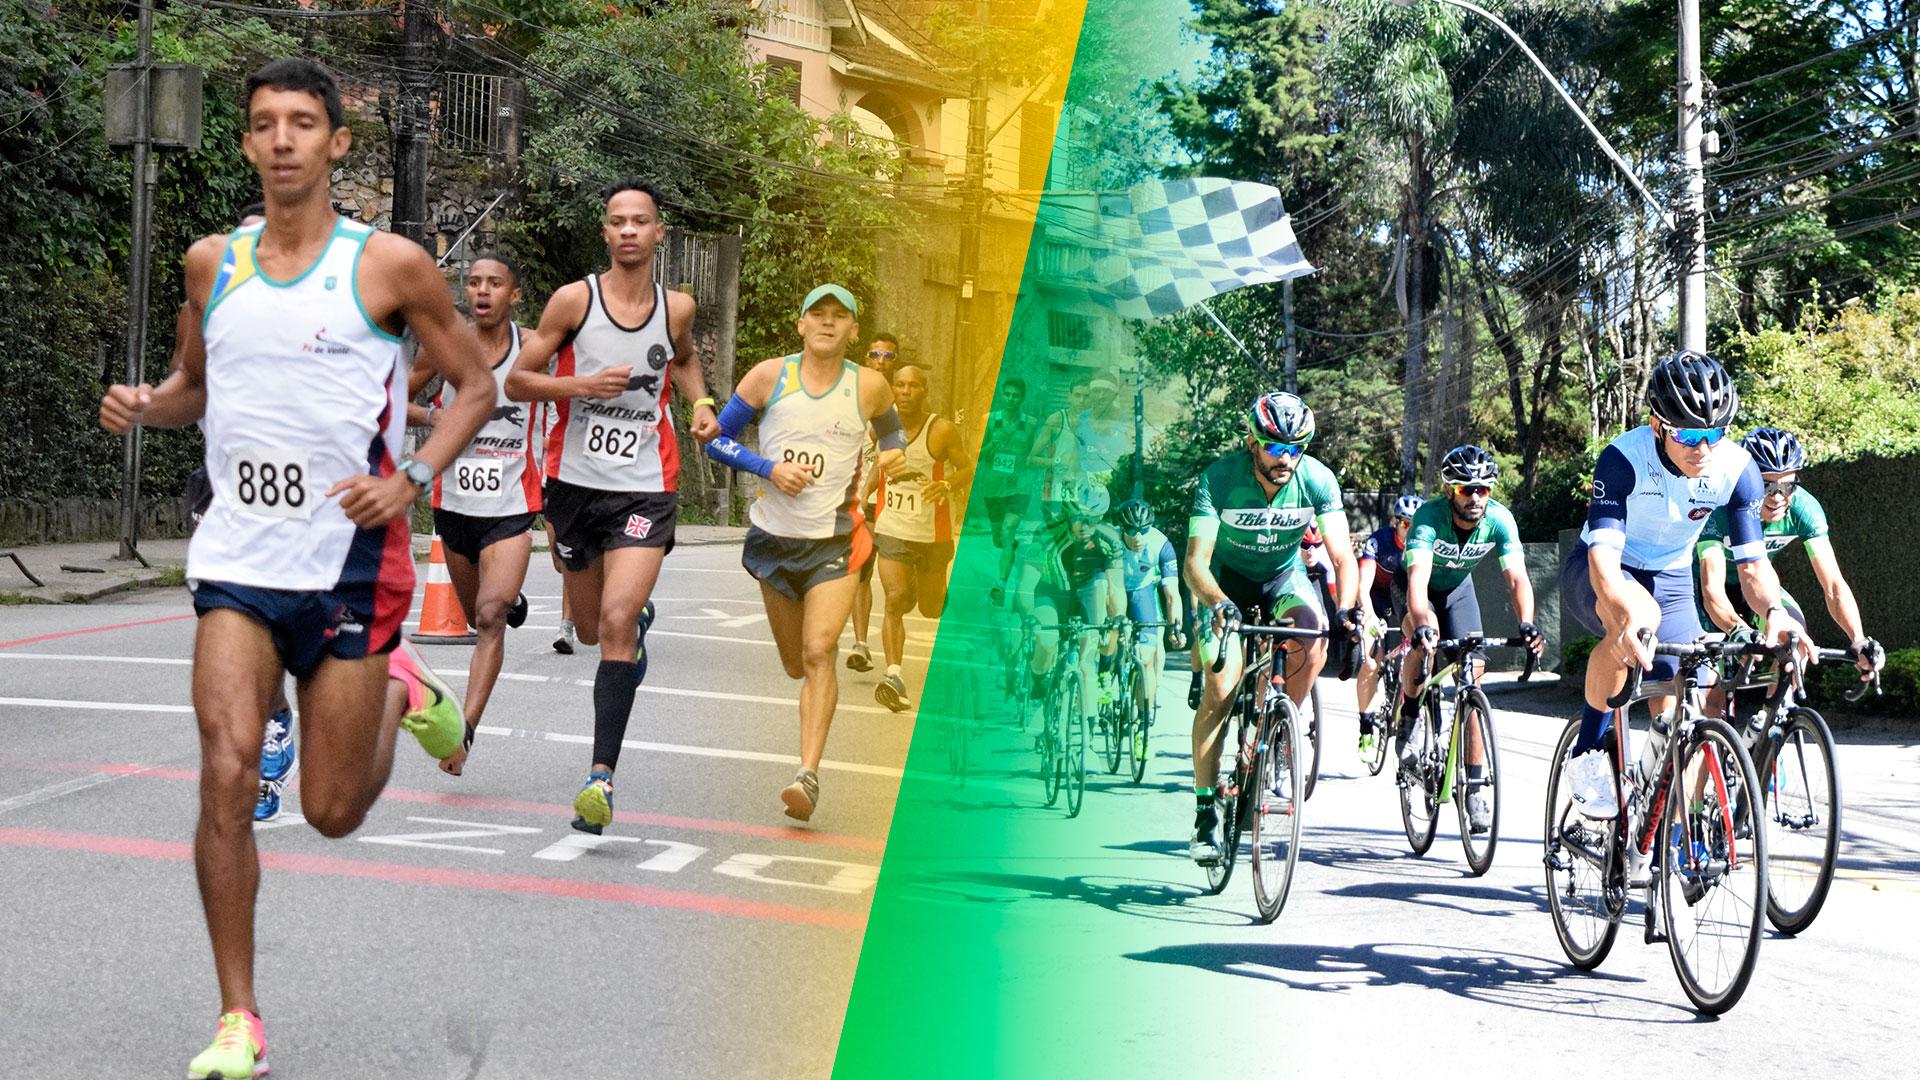 Domingo intenso com duas provas em Petrópolis: corrida e ciclismo